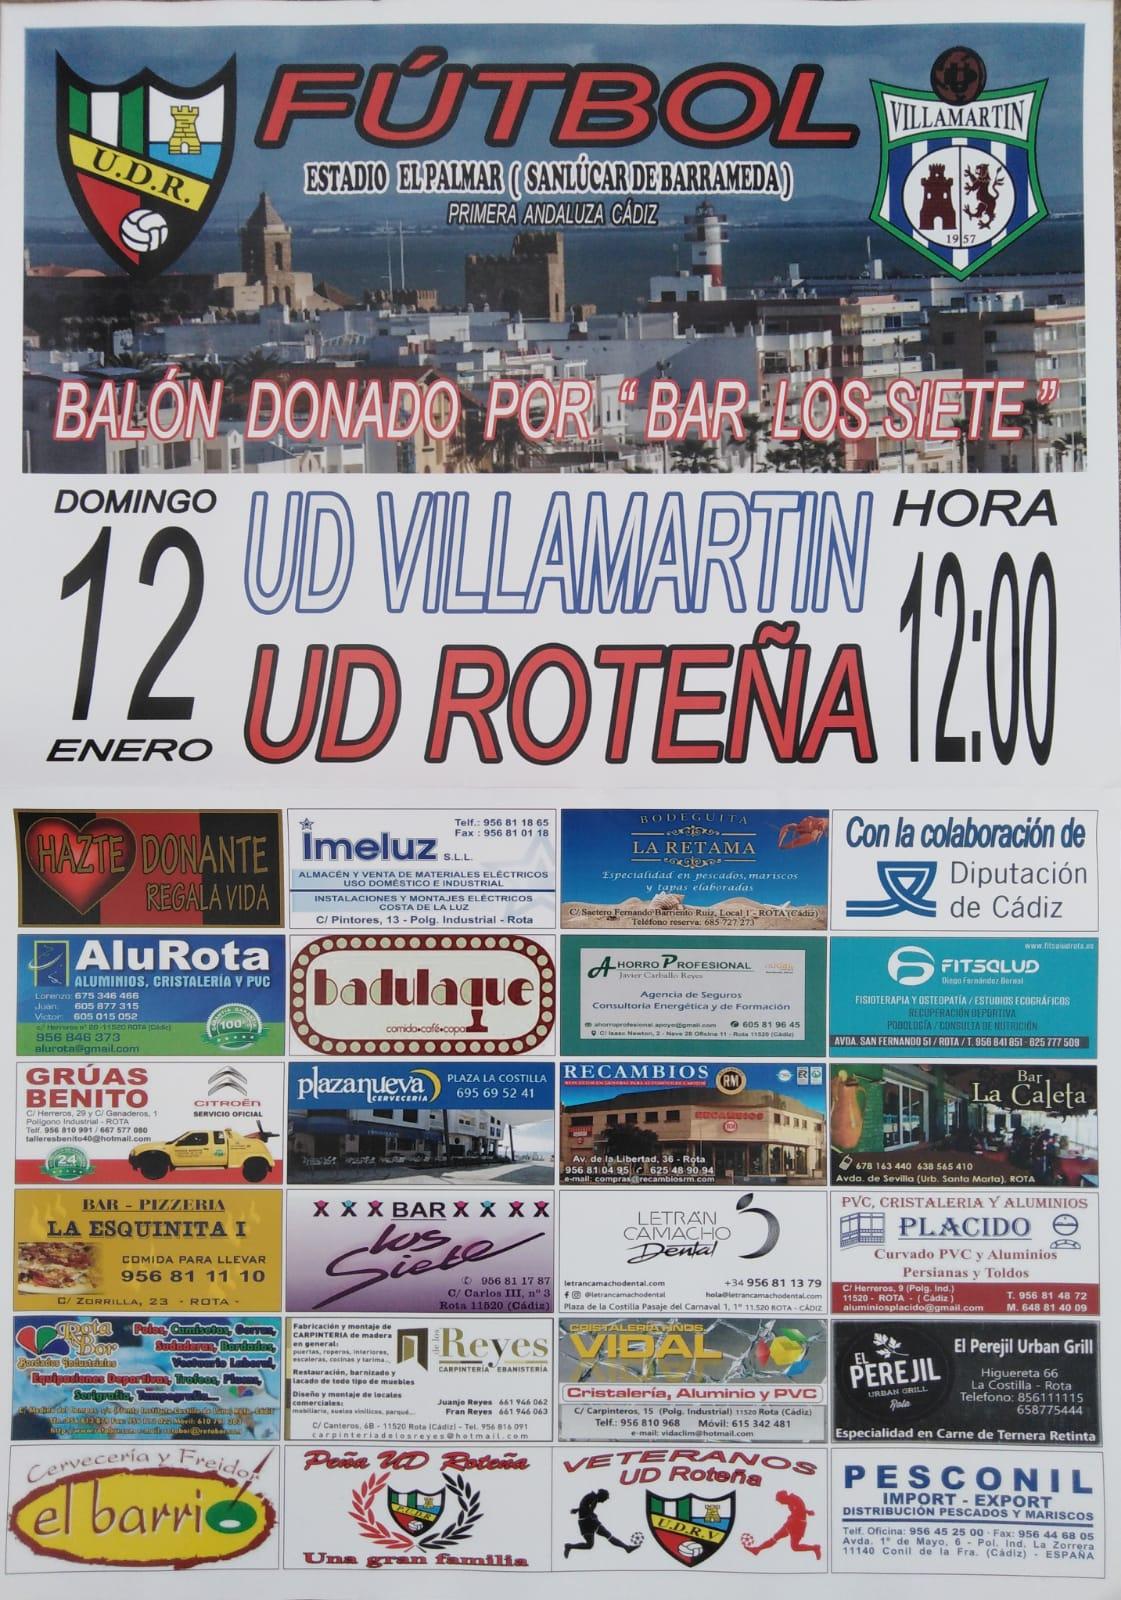 UD Roteña - UD Villamartín